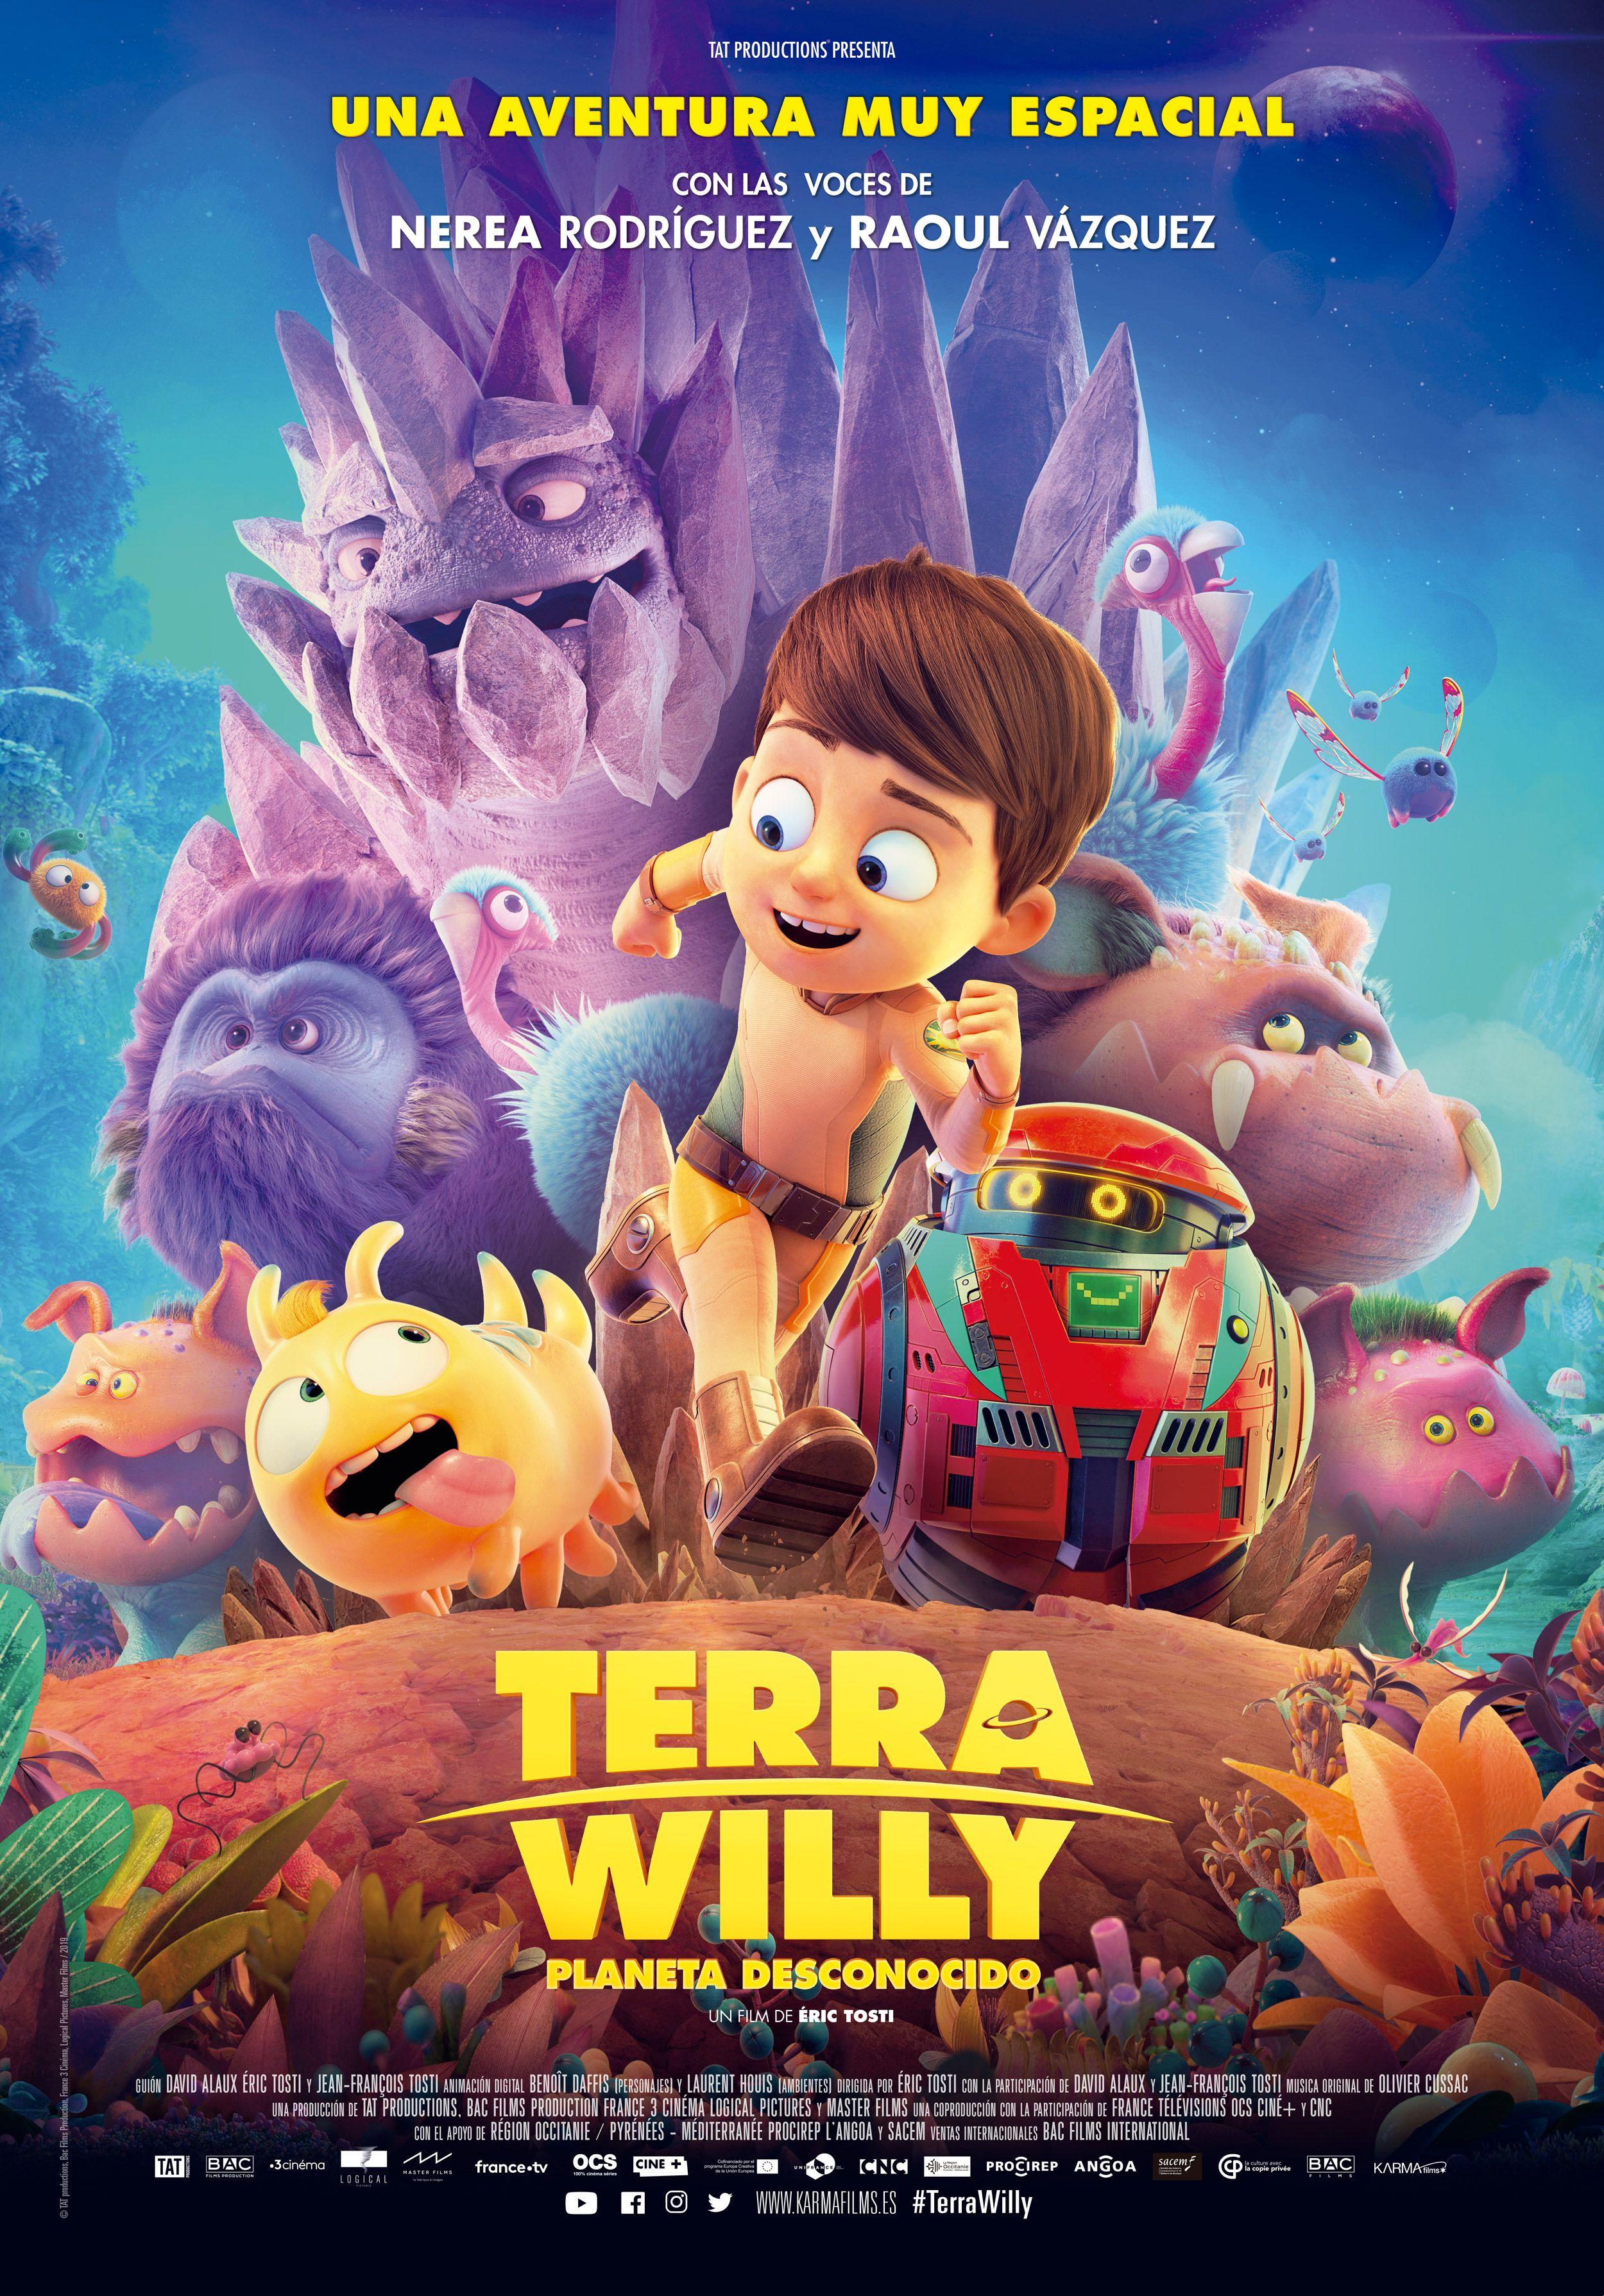 Terra Willy Clip Exclusivo - Película Voces Nerea y Raoul OT 2017